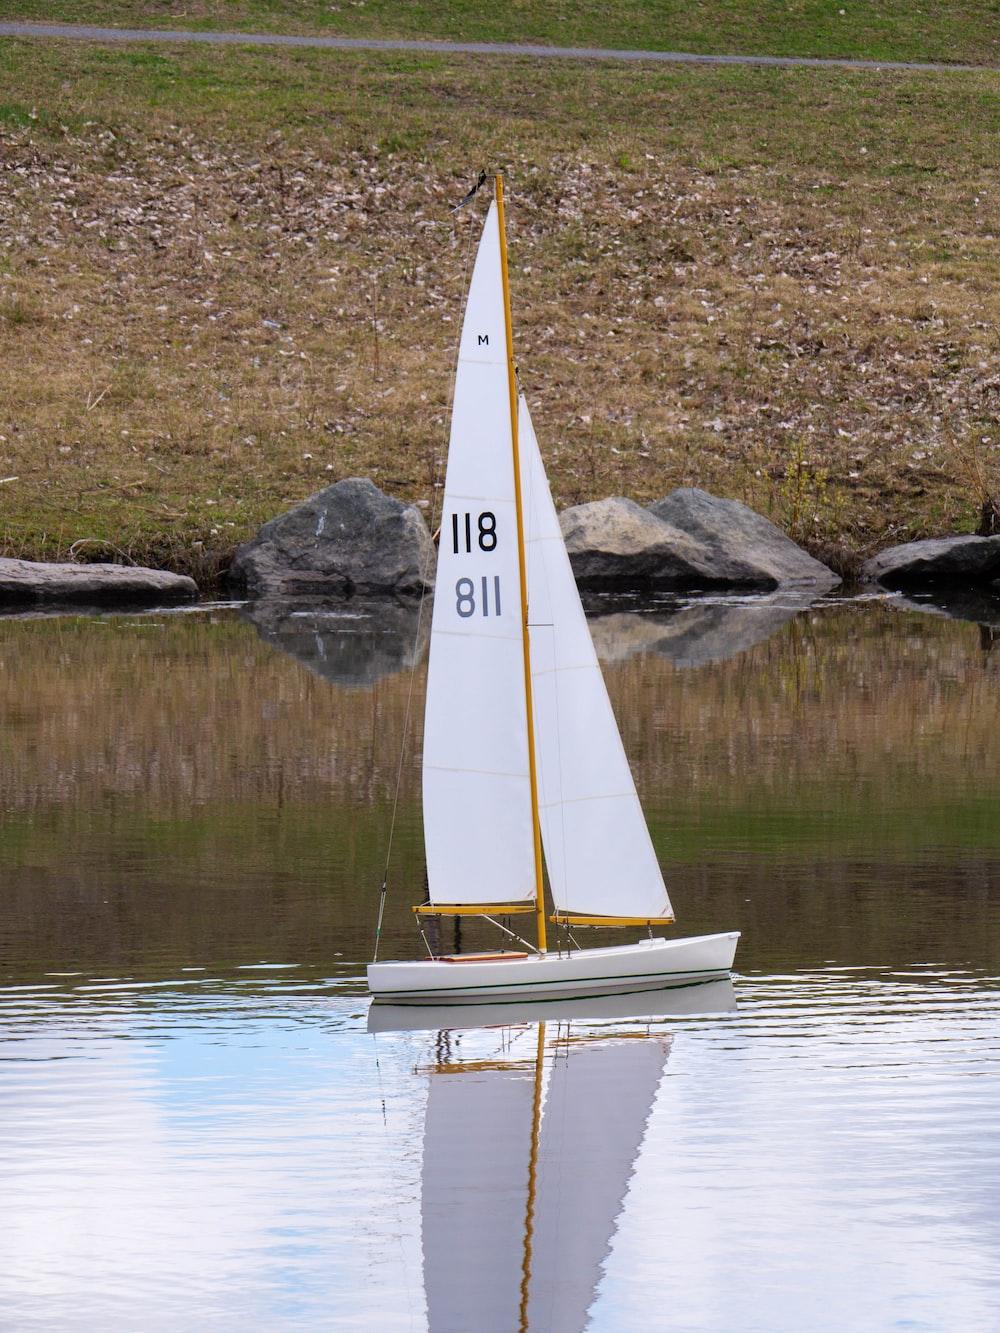 white sail boat on lake during daytime